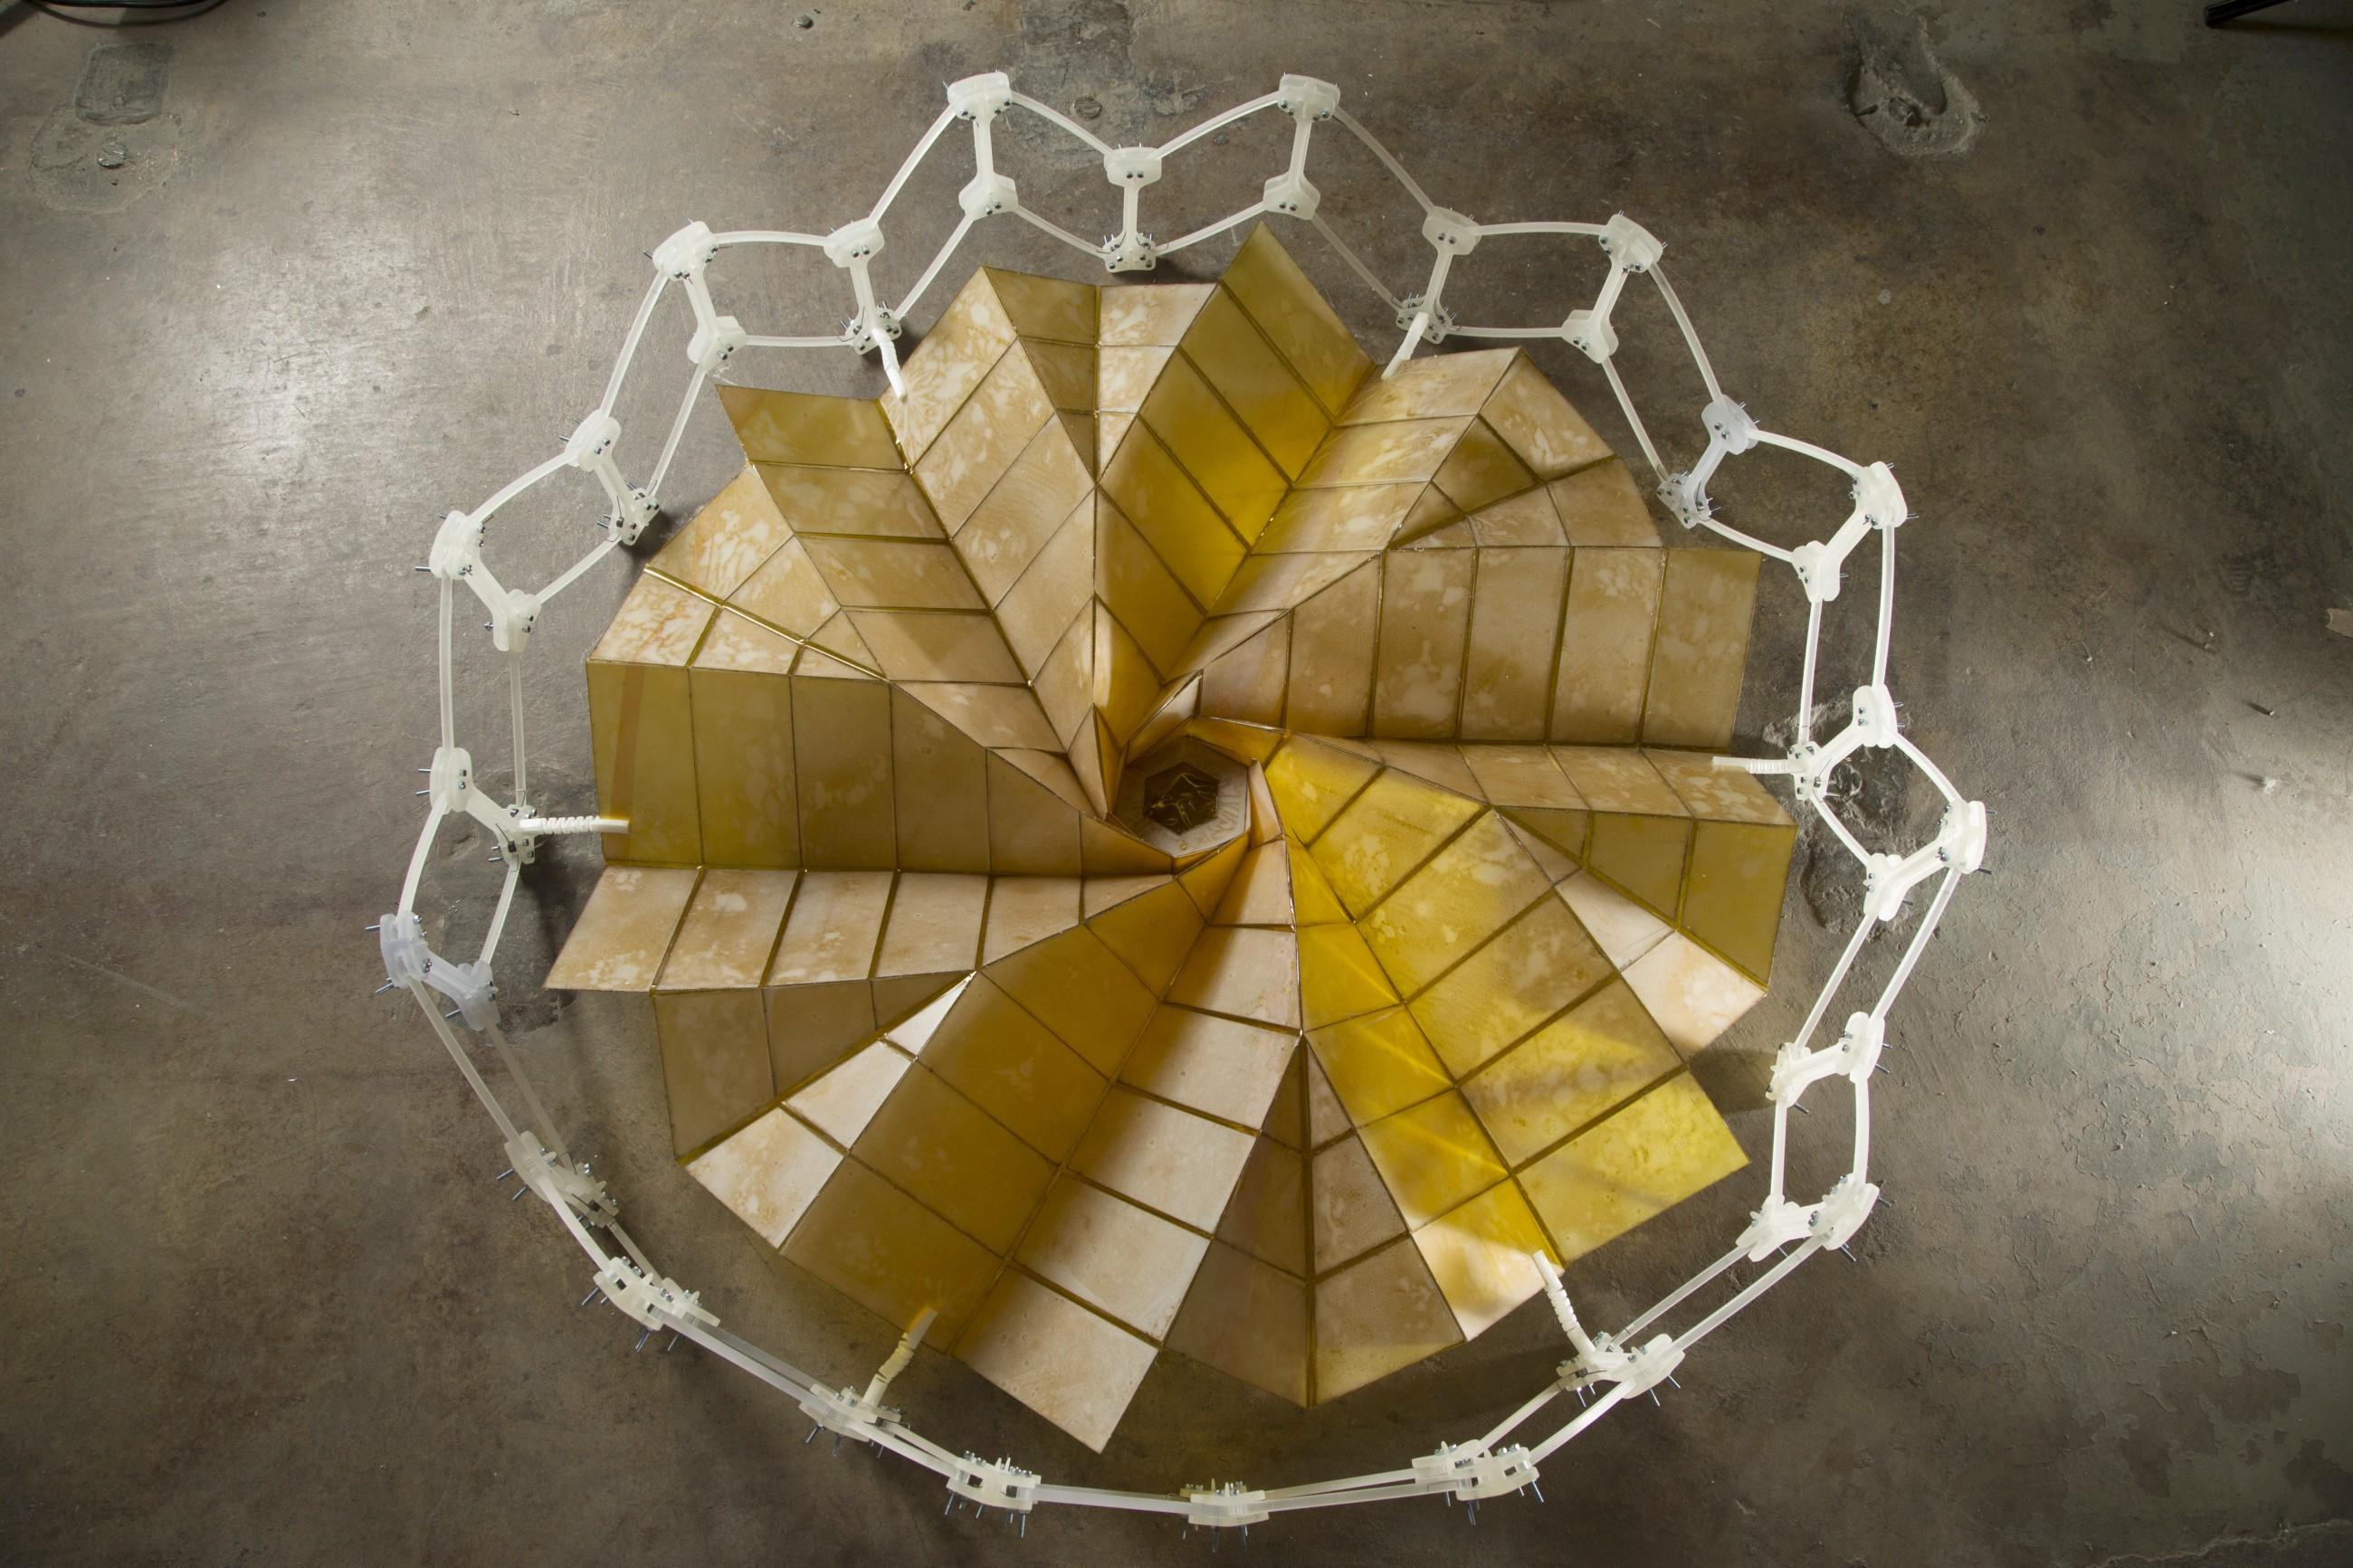 Origami Architecture Design Unfolding Origami Engineering Quark Magazine